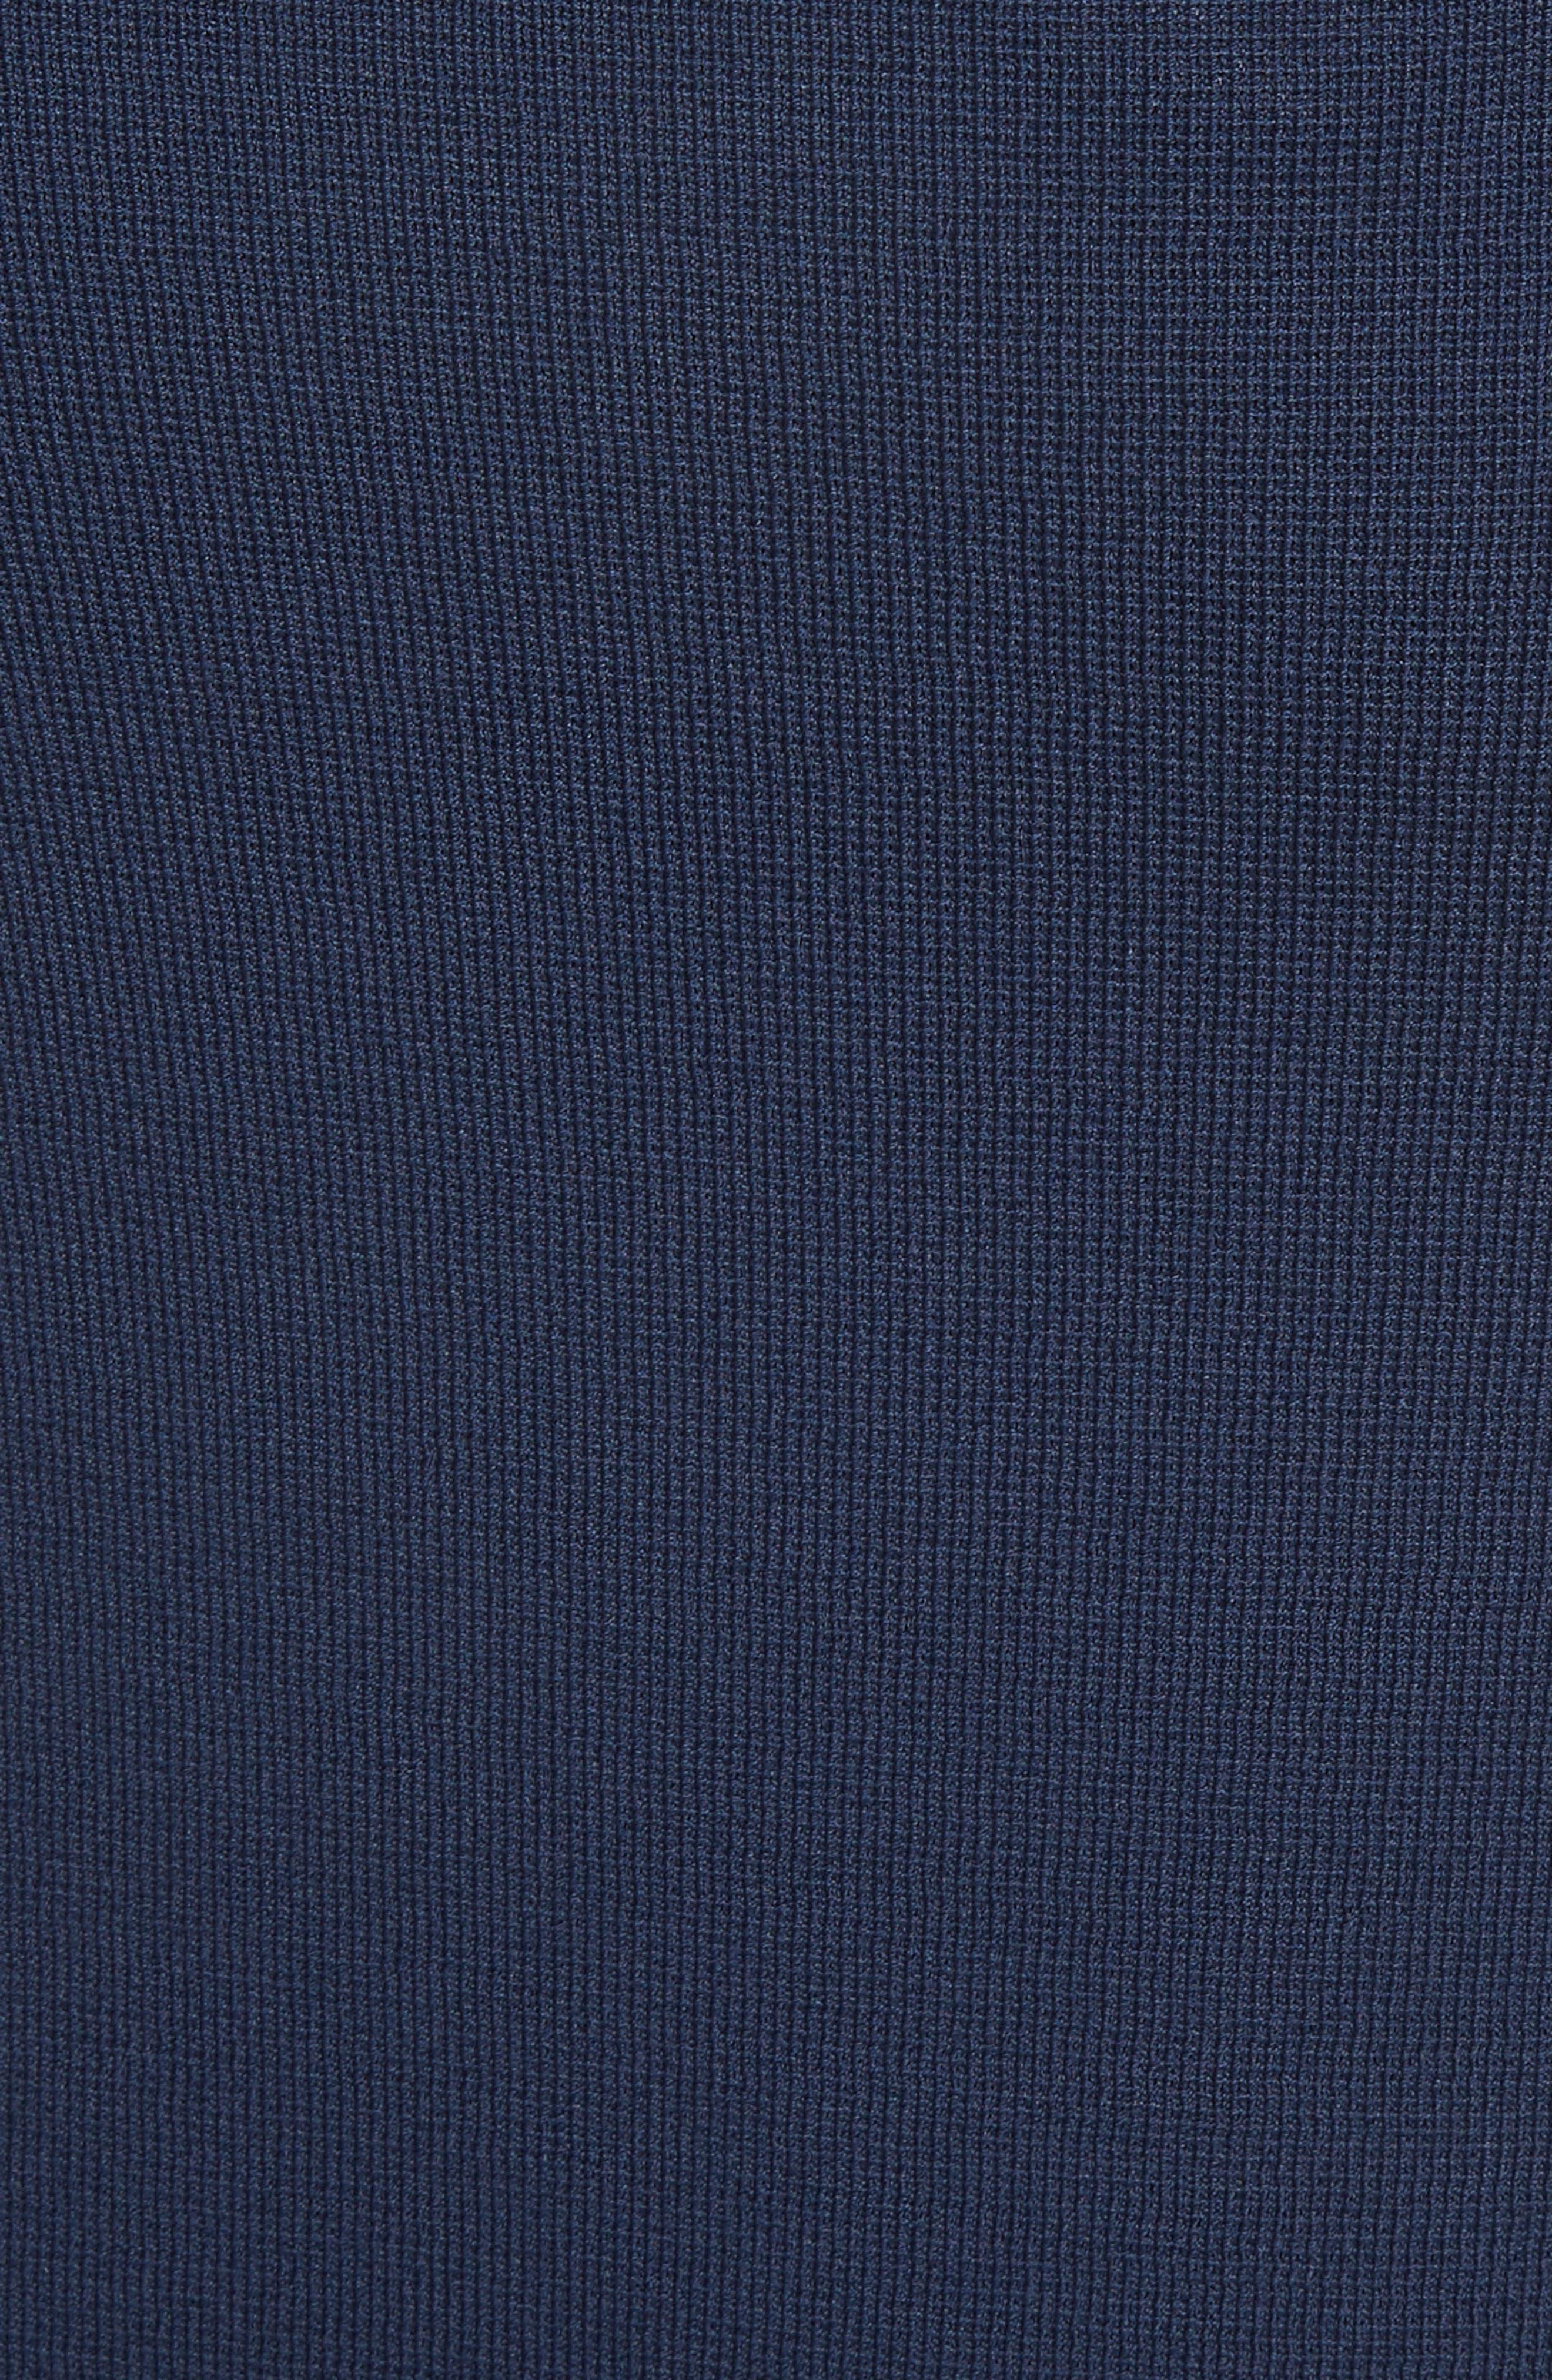 Button Detail Knit Pencil Skirt,                             Alternate thumbnail 5, color,